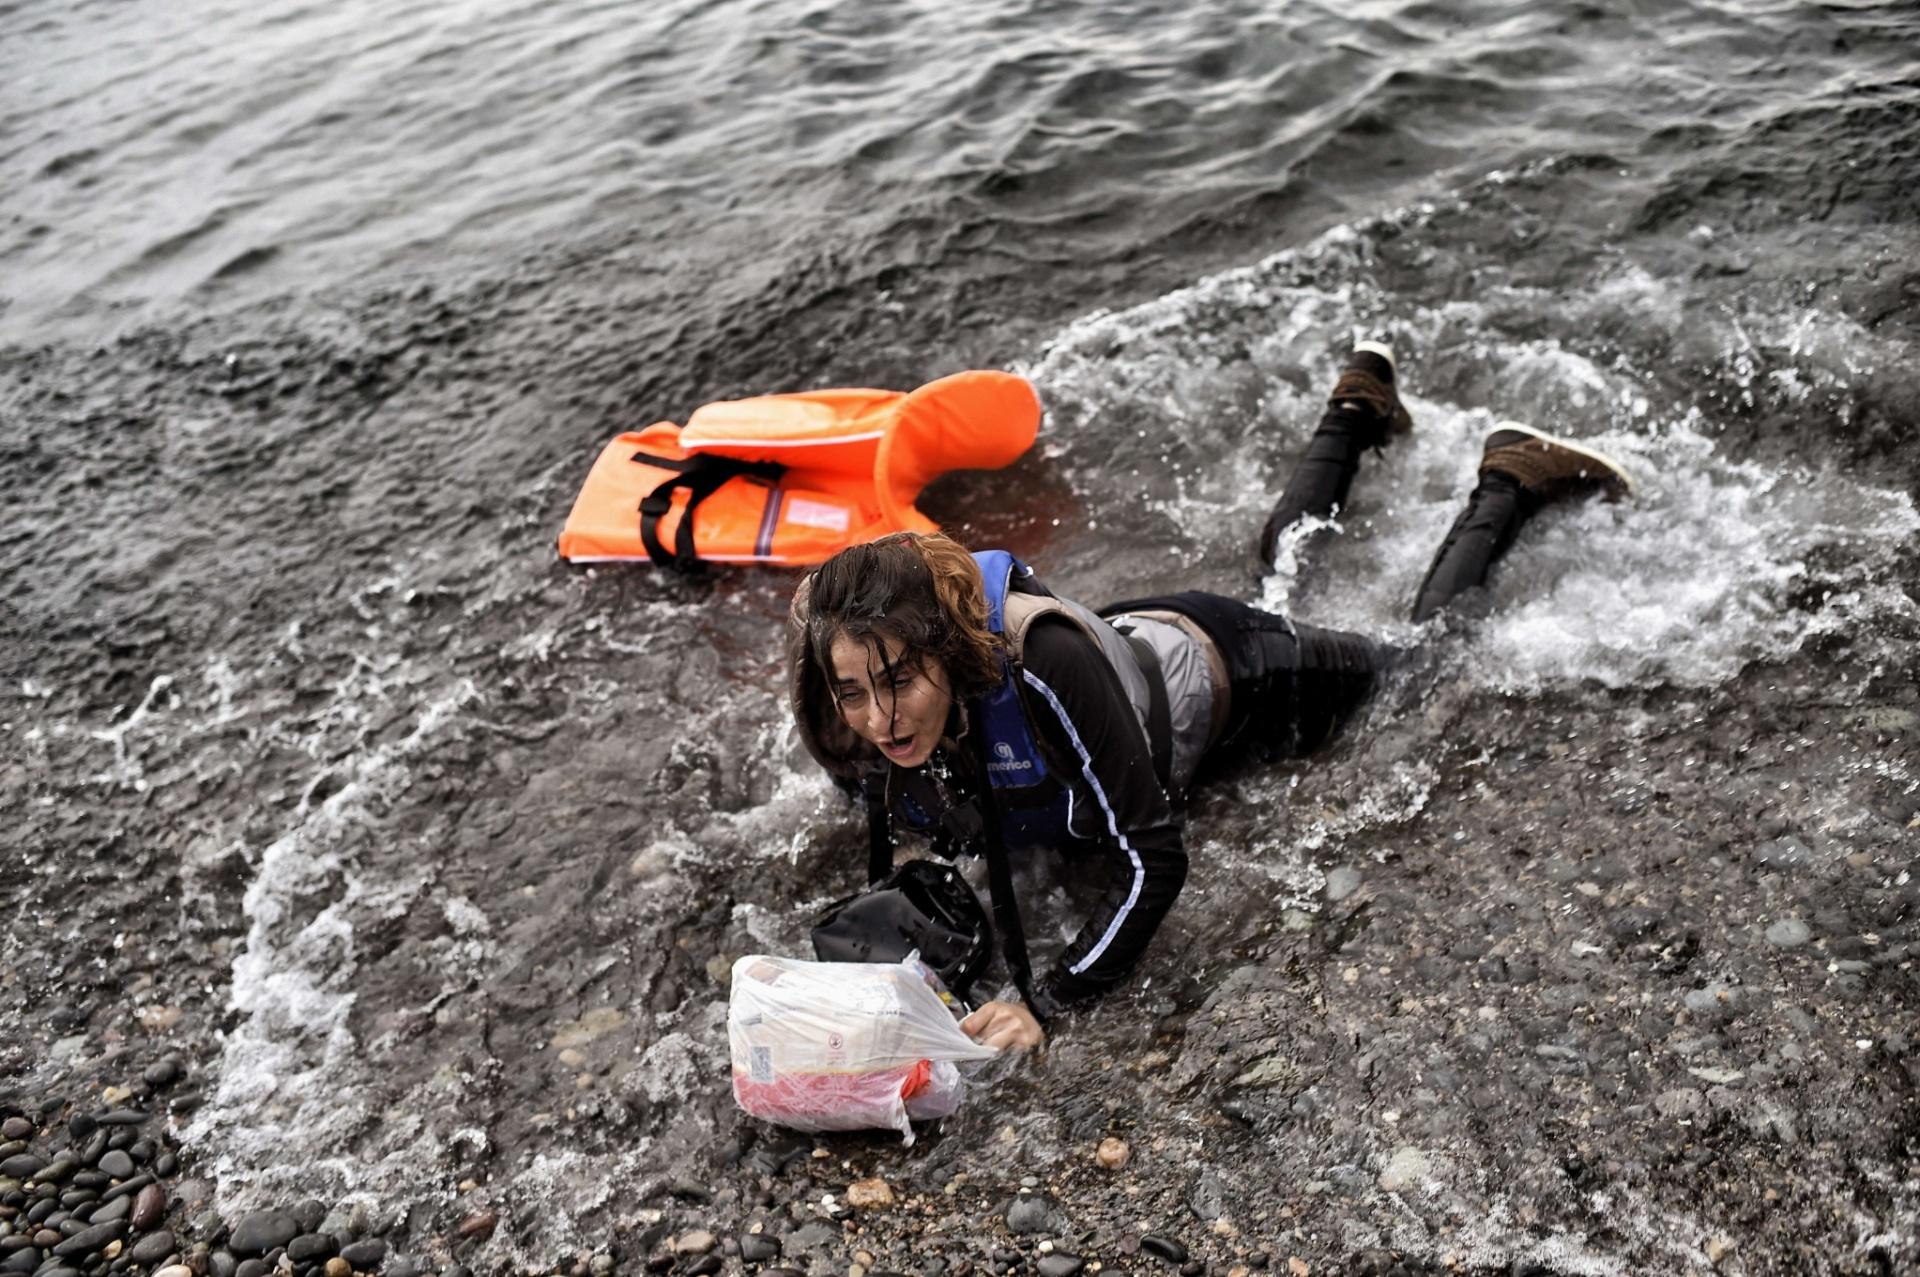 28.set.2015 - Refugiada síria chega a praia da ilha grega de Lesbos depois de atravessar o mar Egeu com o auxílio de um colete salva-vidas. A embarcação em que ela estava afundou e deixou dezenas de mortos